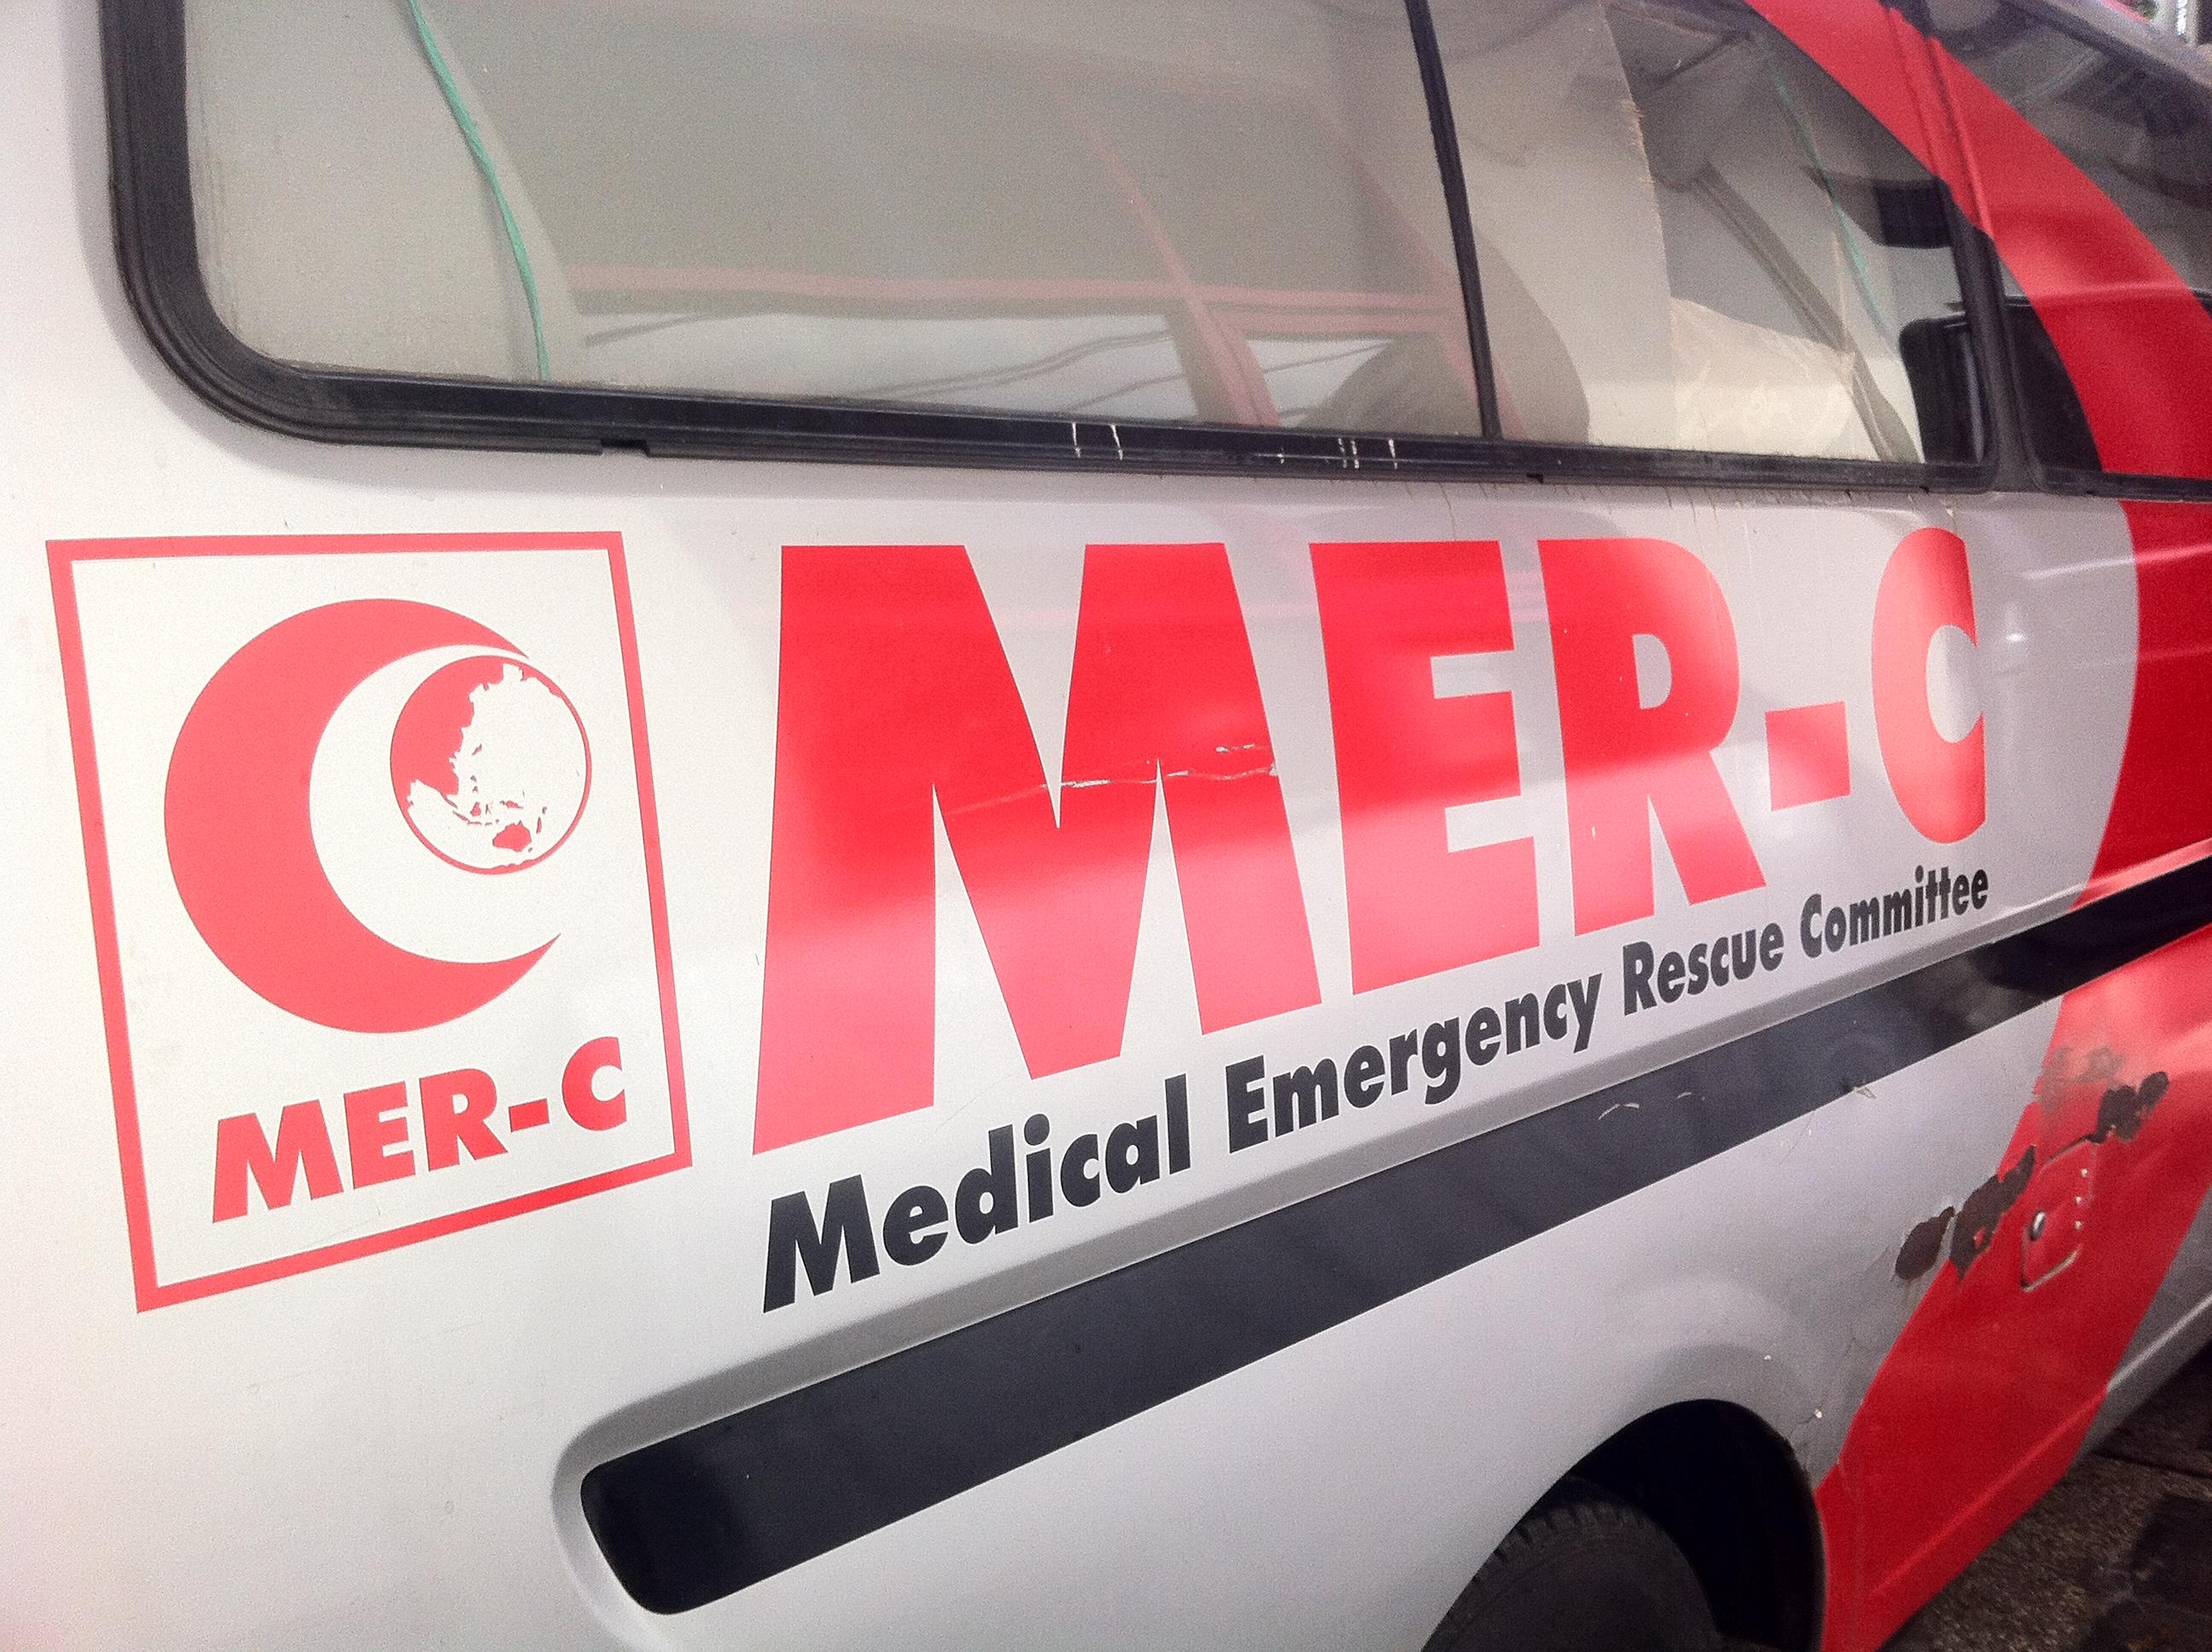 MER-C Kerahkan 50 Personil Medis di Aksi Damai 4 November